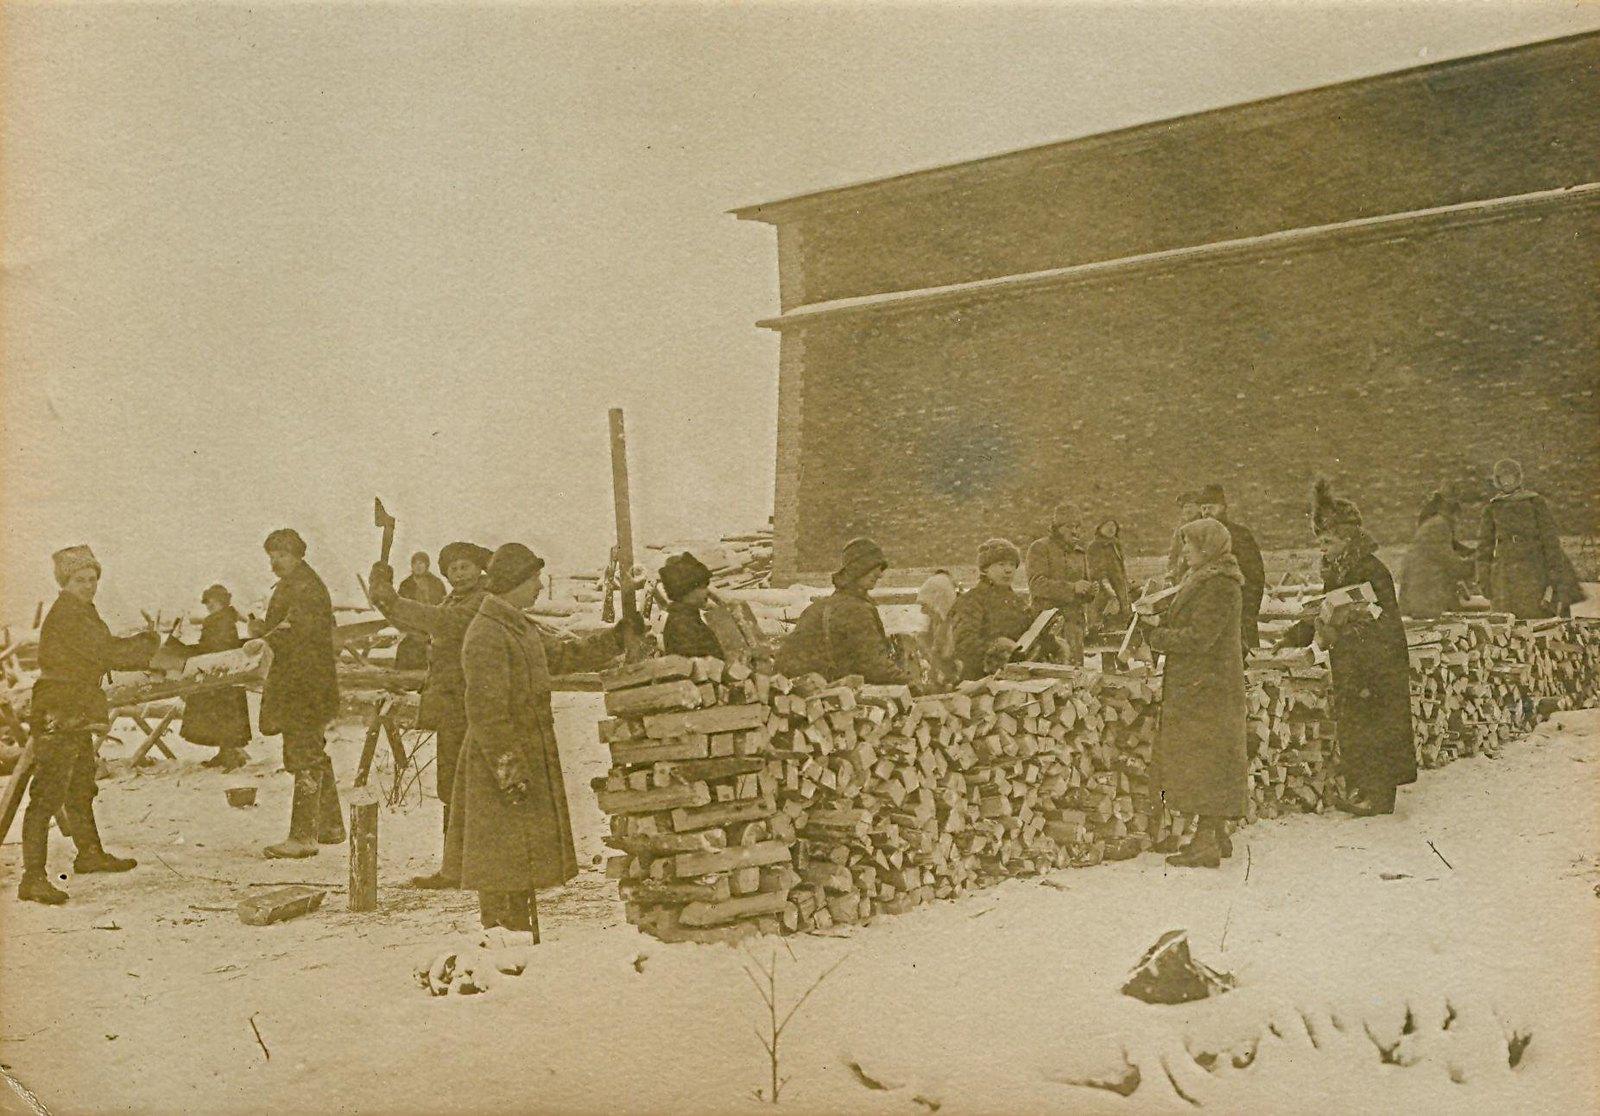 1920. Субботник в Петропавловской крепости